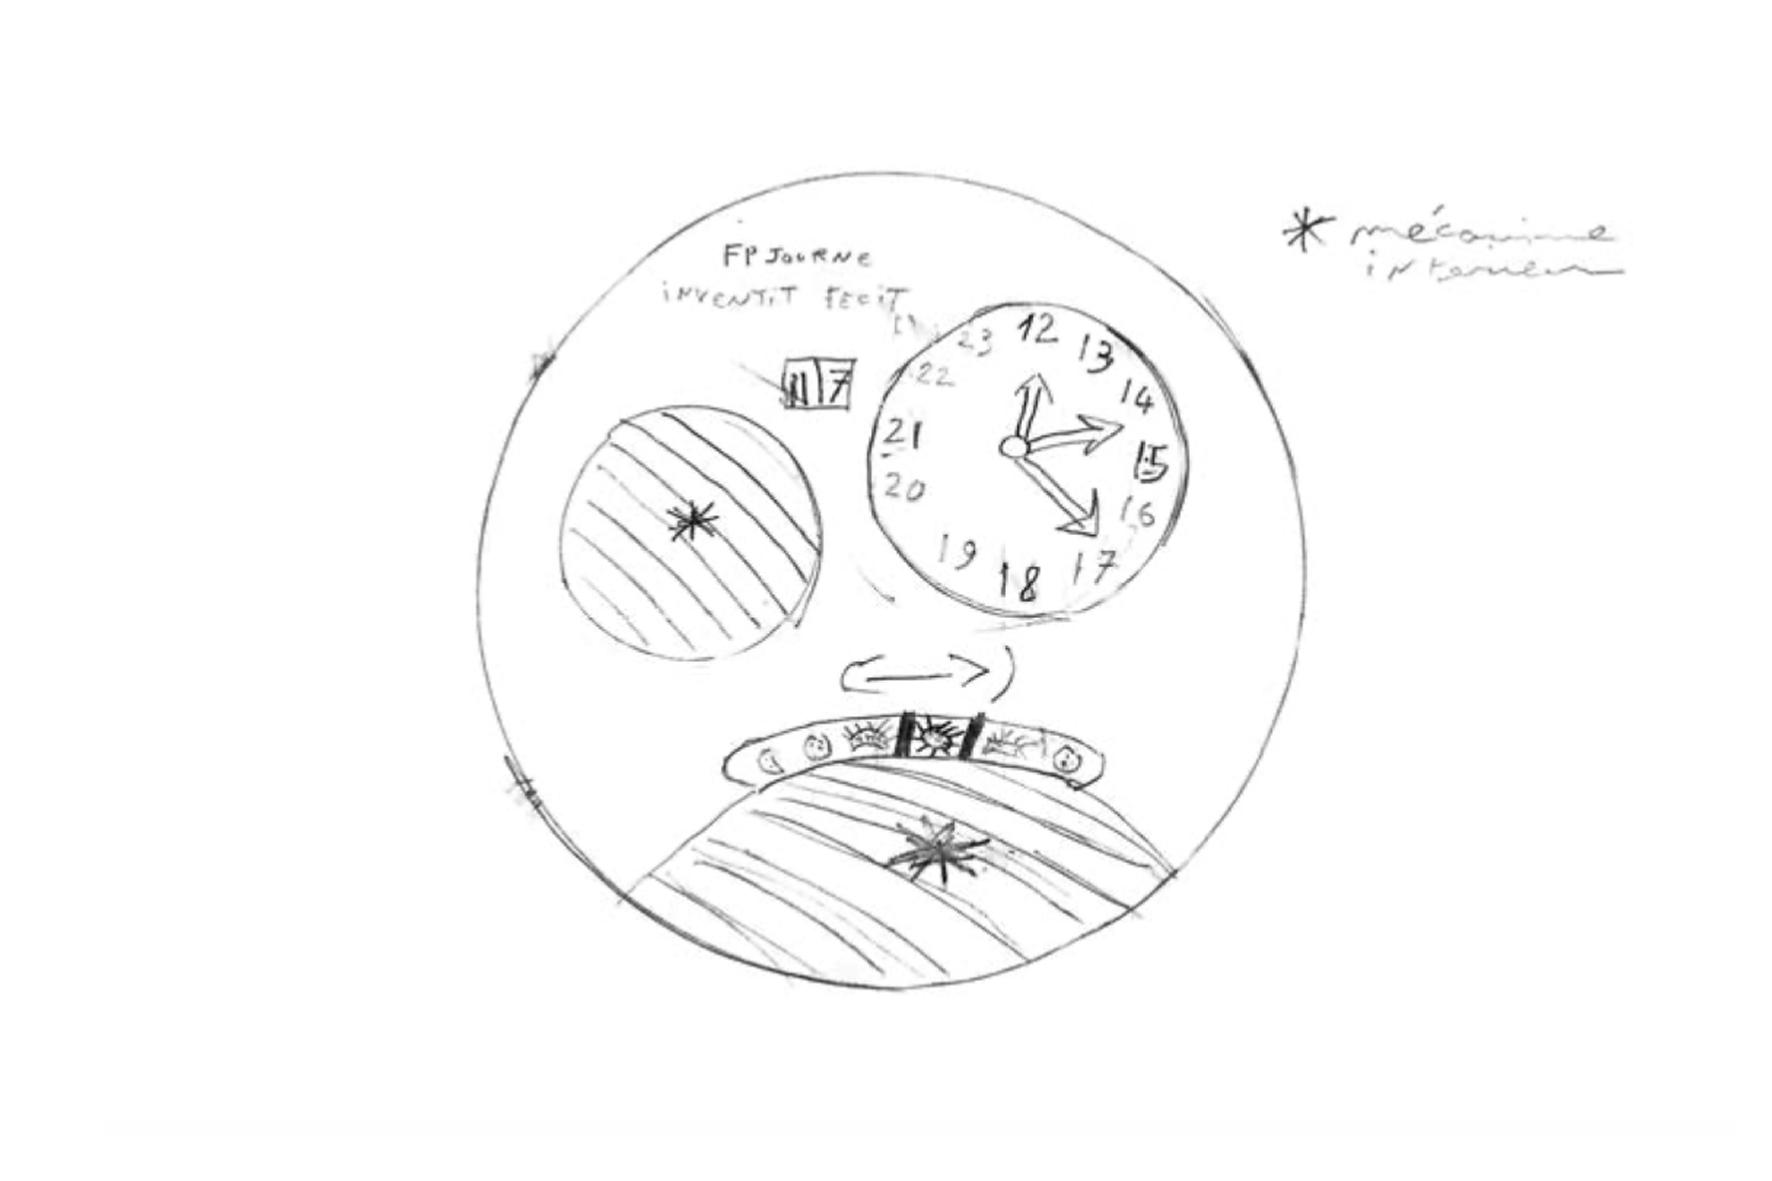 Astronomic Souverain